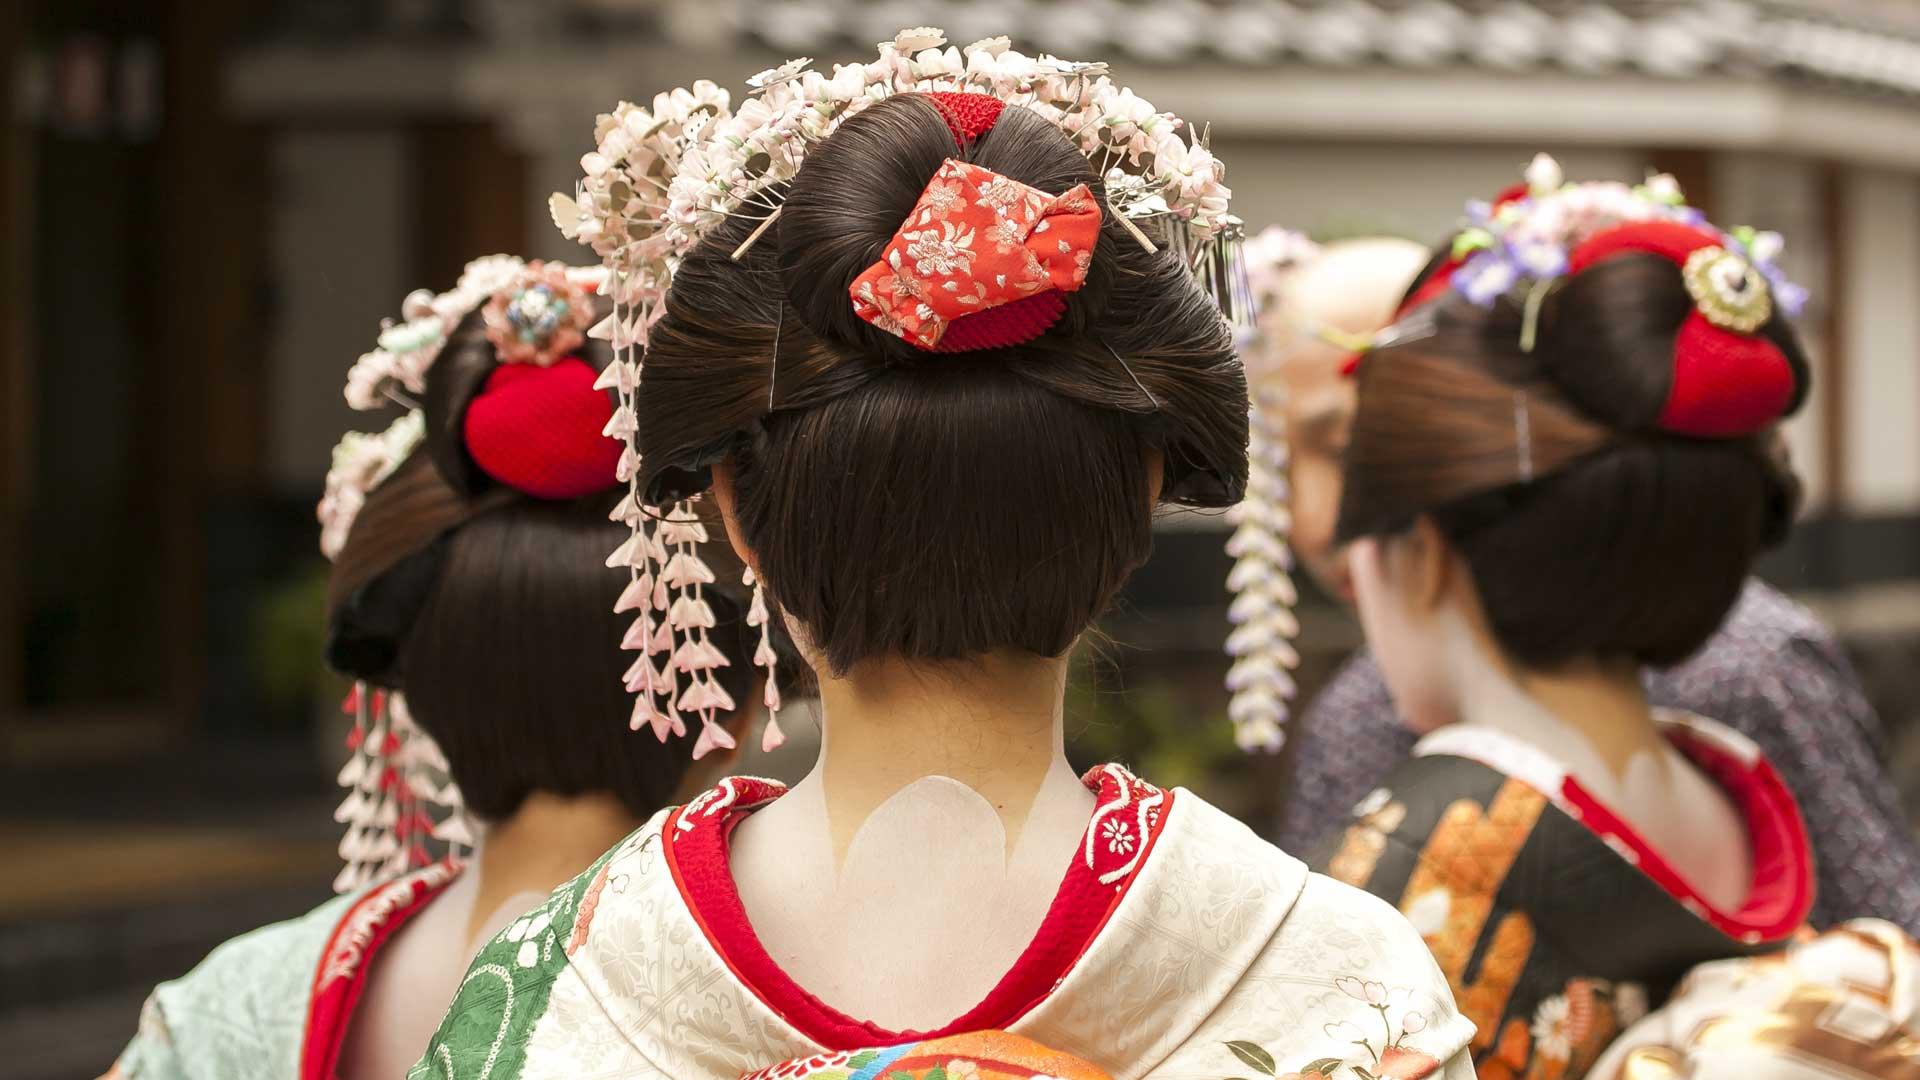 Köklü Geçmişine Sımsıkı Bağlı Bir Ülke, Japonya